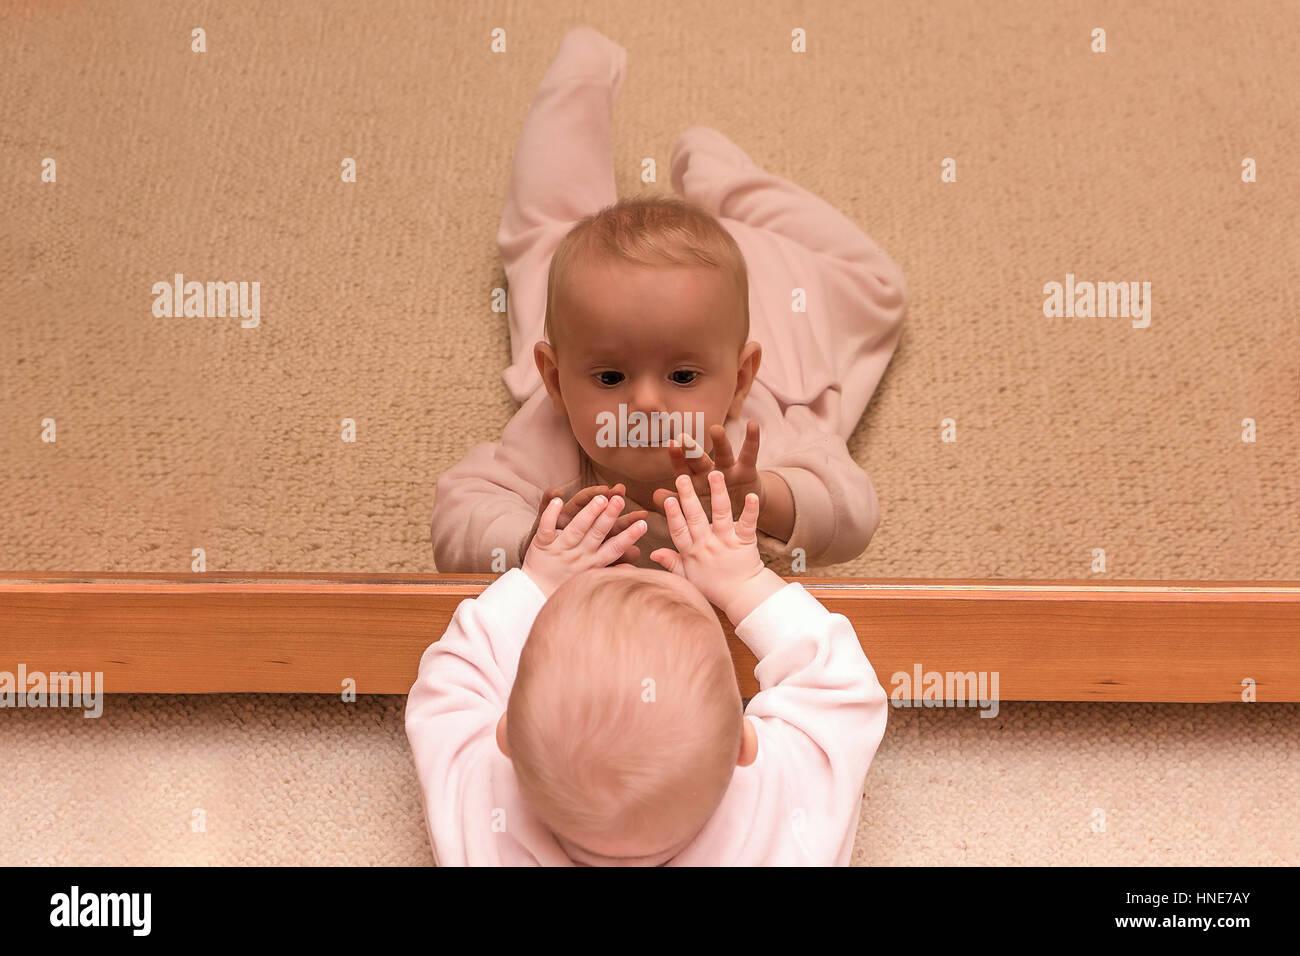 3003e0e073745 Bébé petite fille dans un miroir